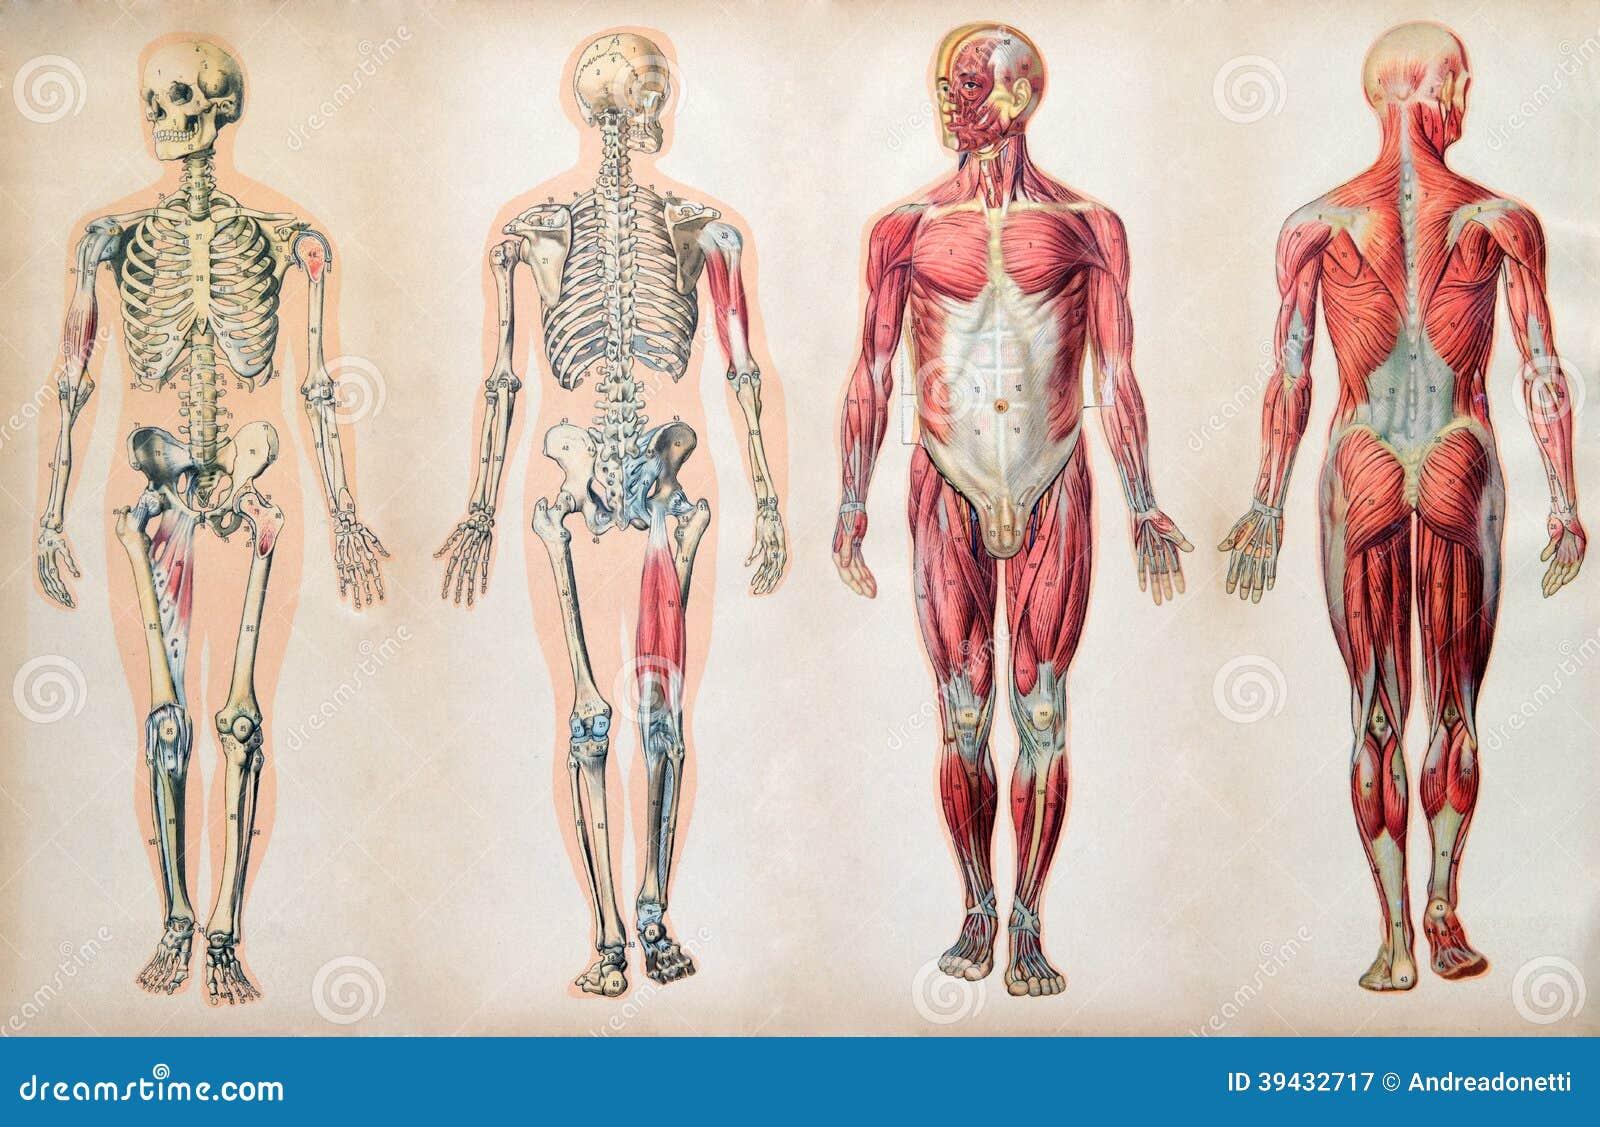 Anatomy wall charts